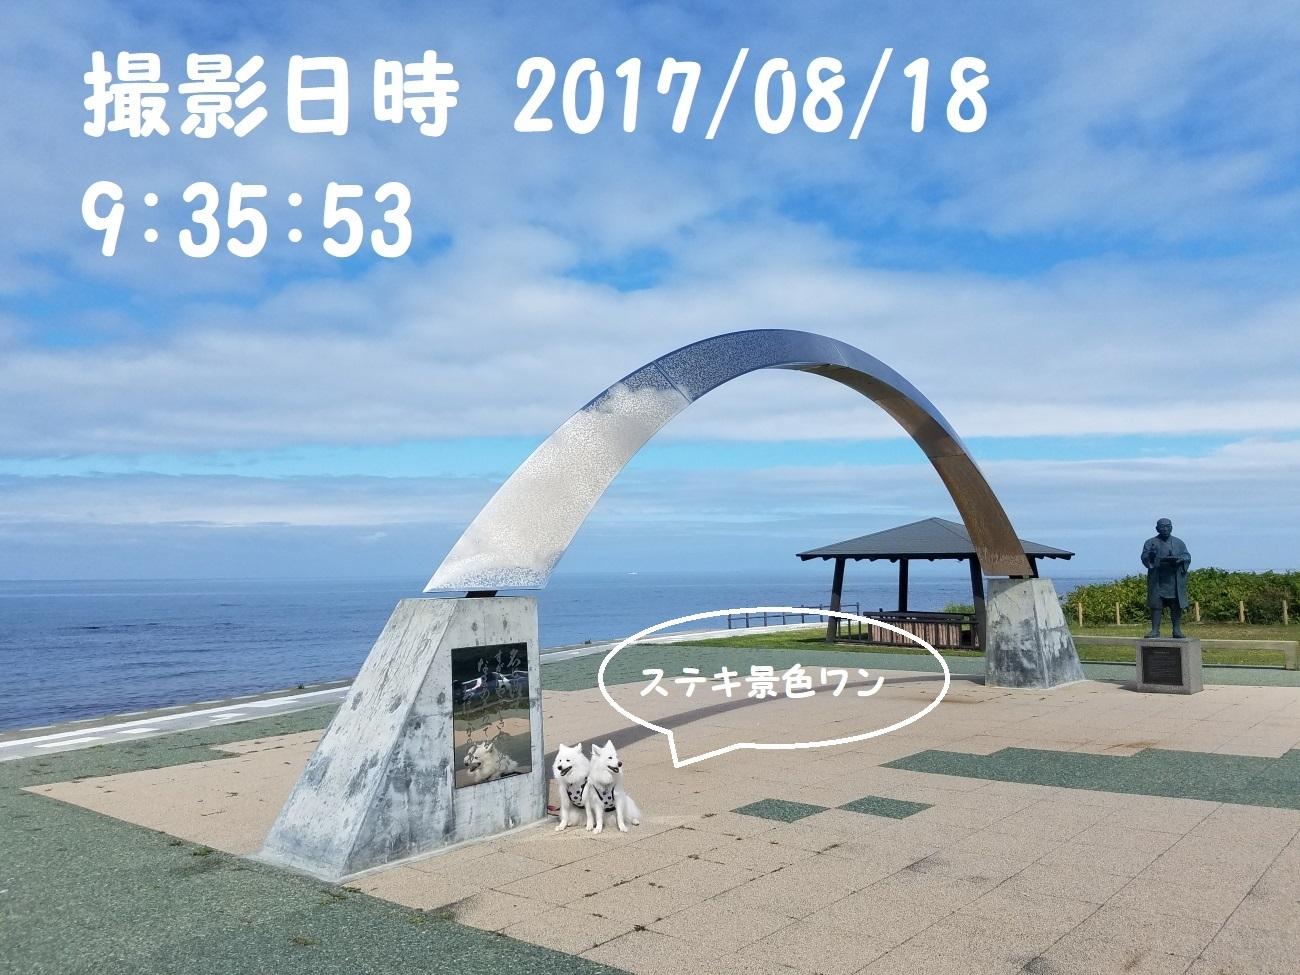 20170818_093554.jpg